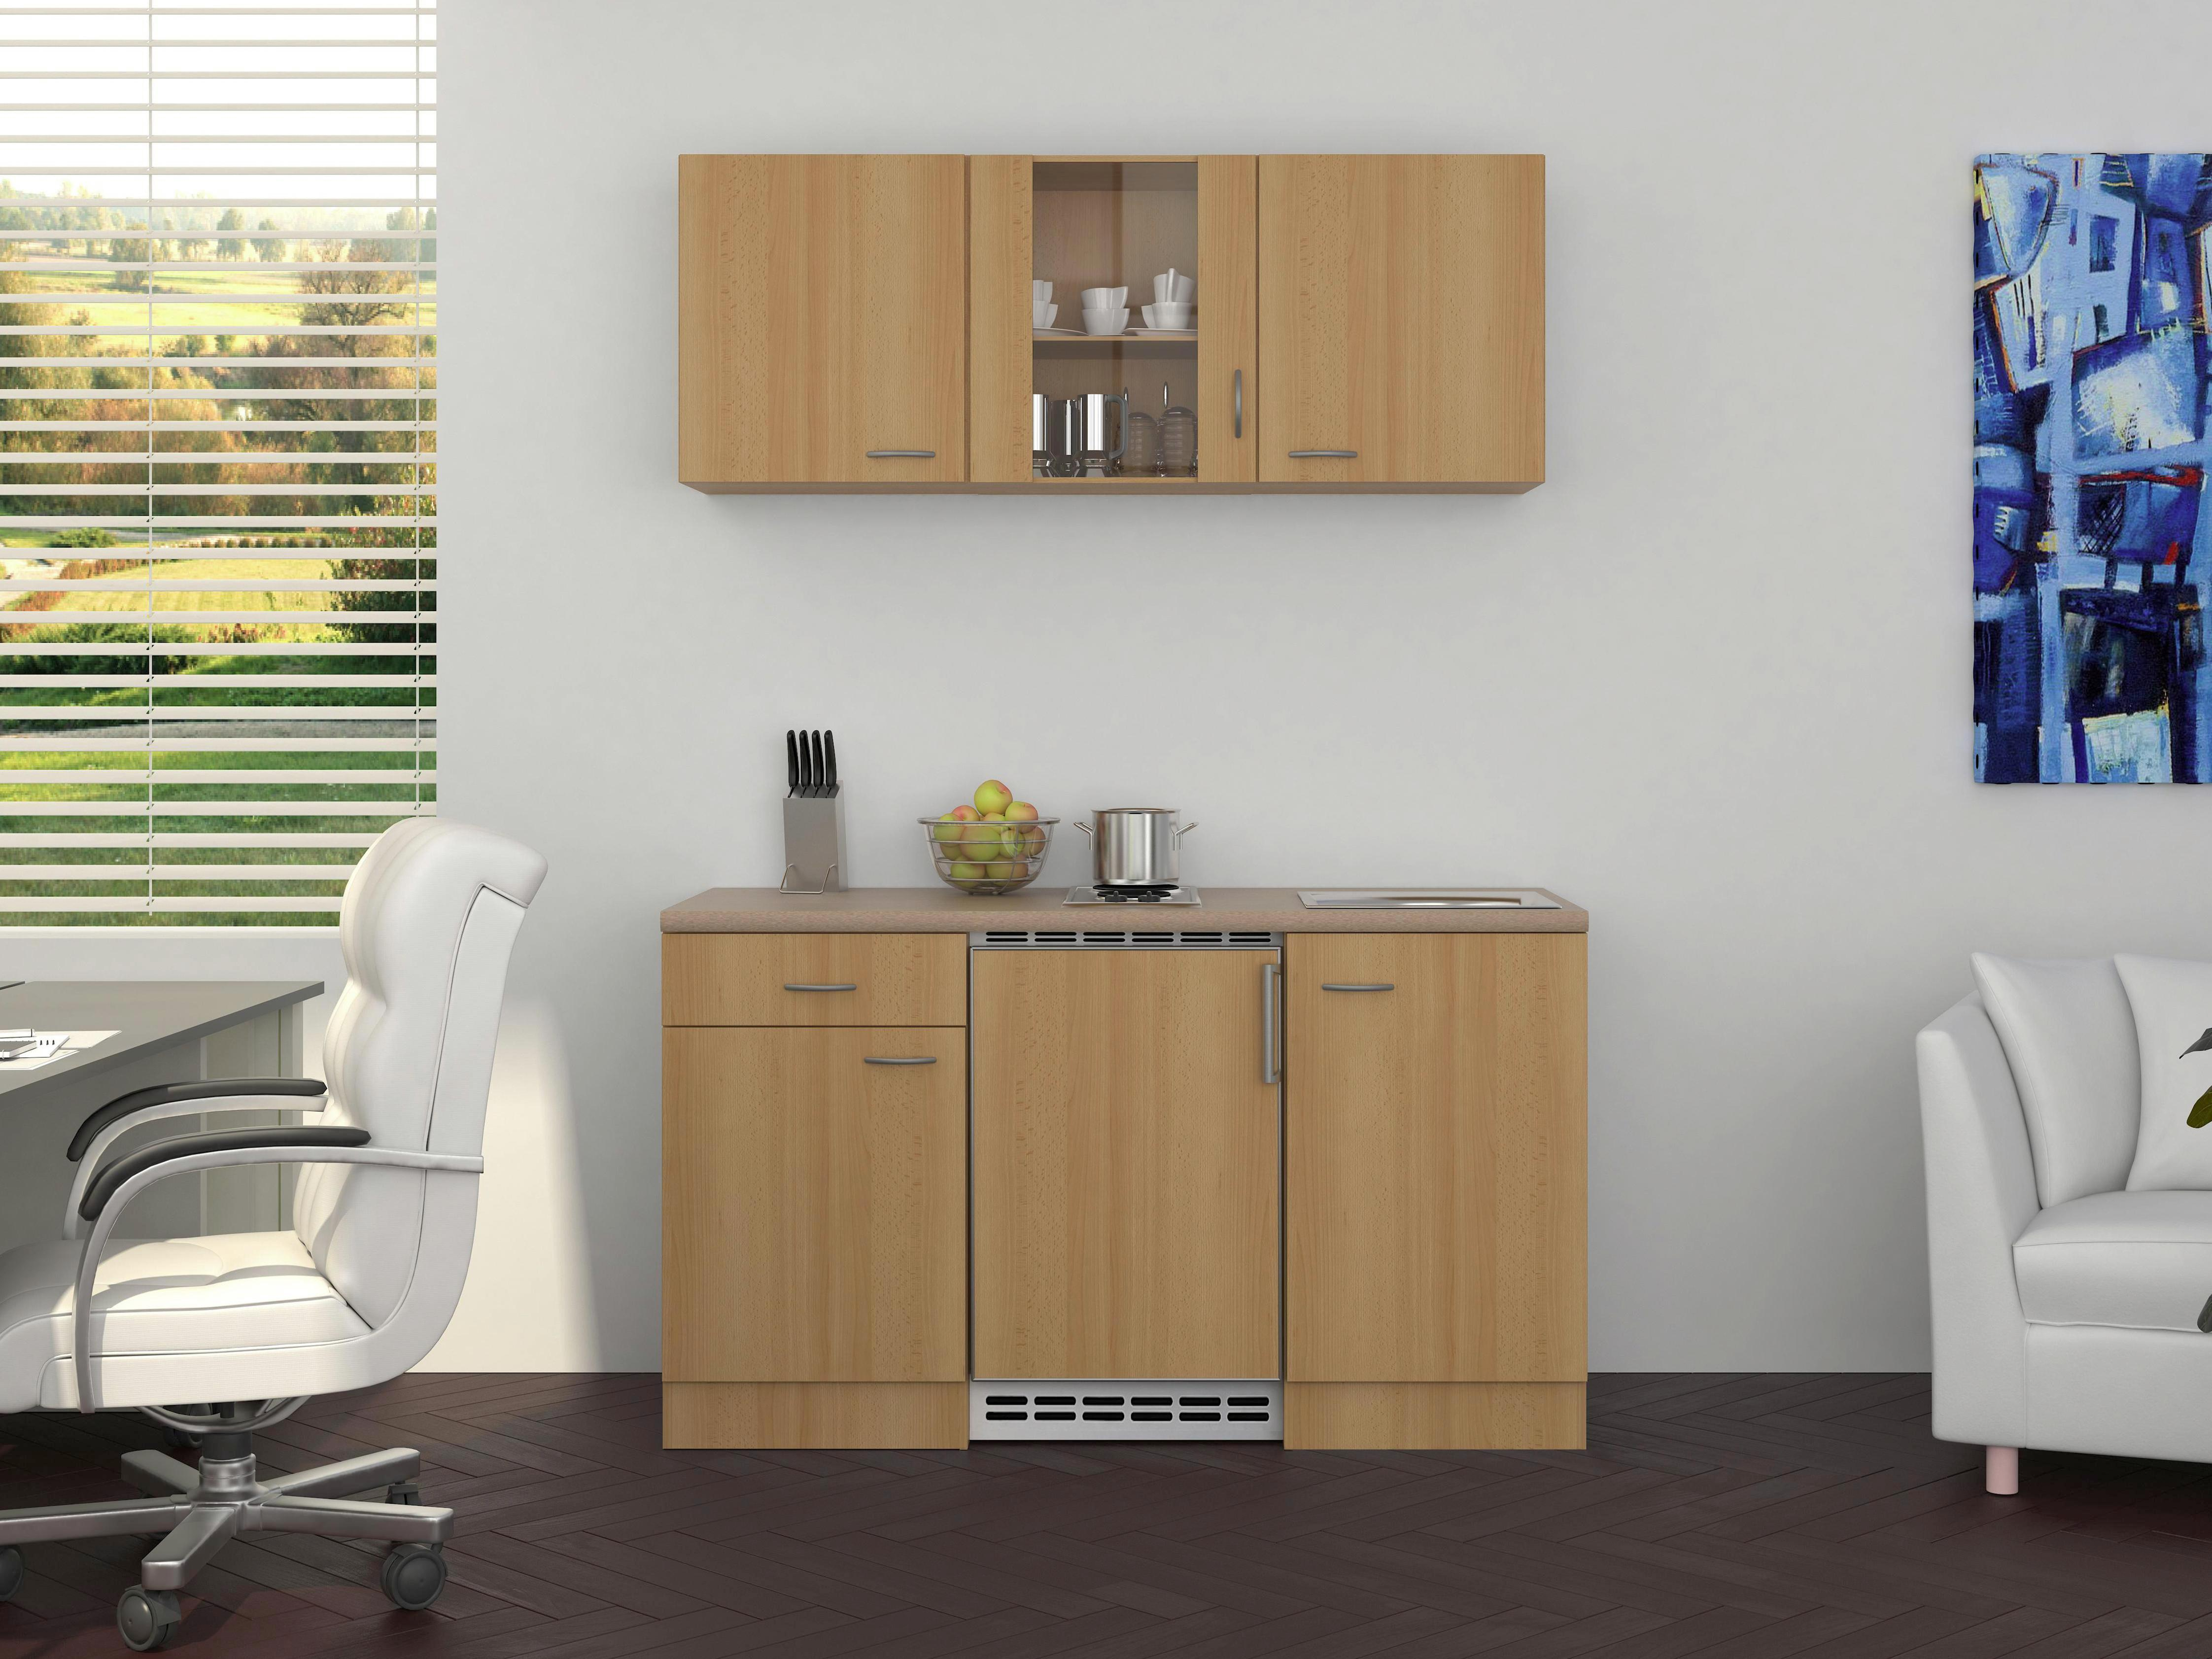 Mini Kühlschrank Möbelix : Kleine küche 150 cm miniküchen singleküchen günstig kaufen